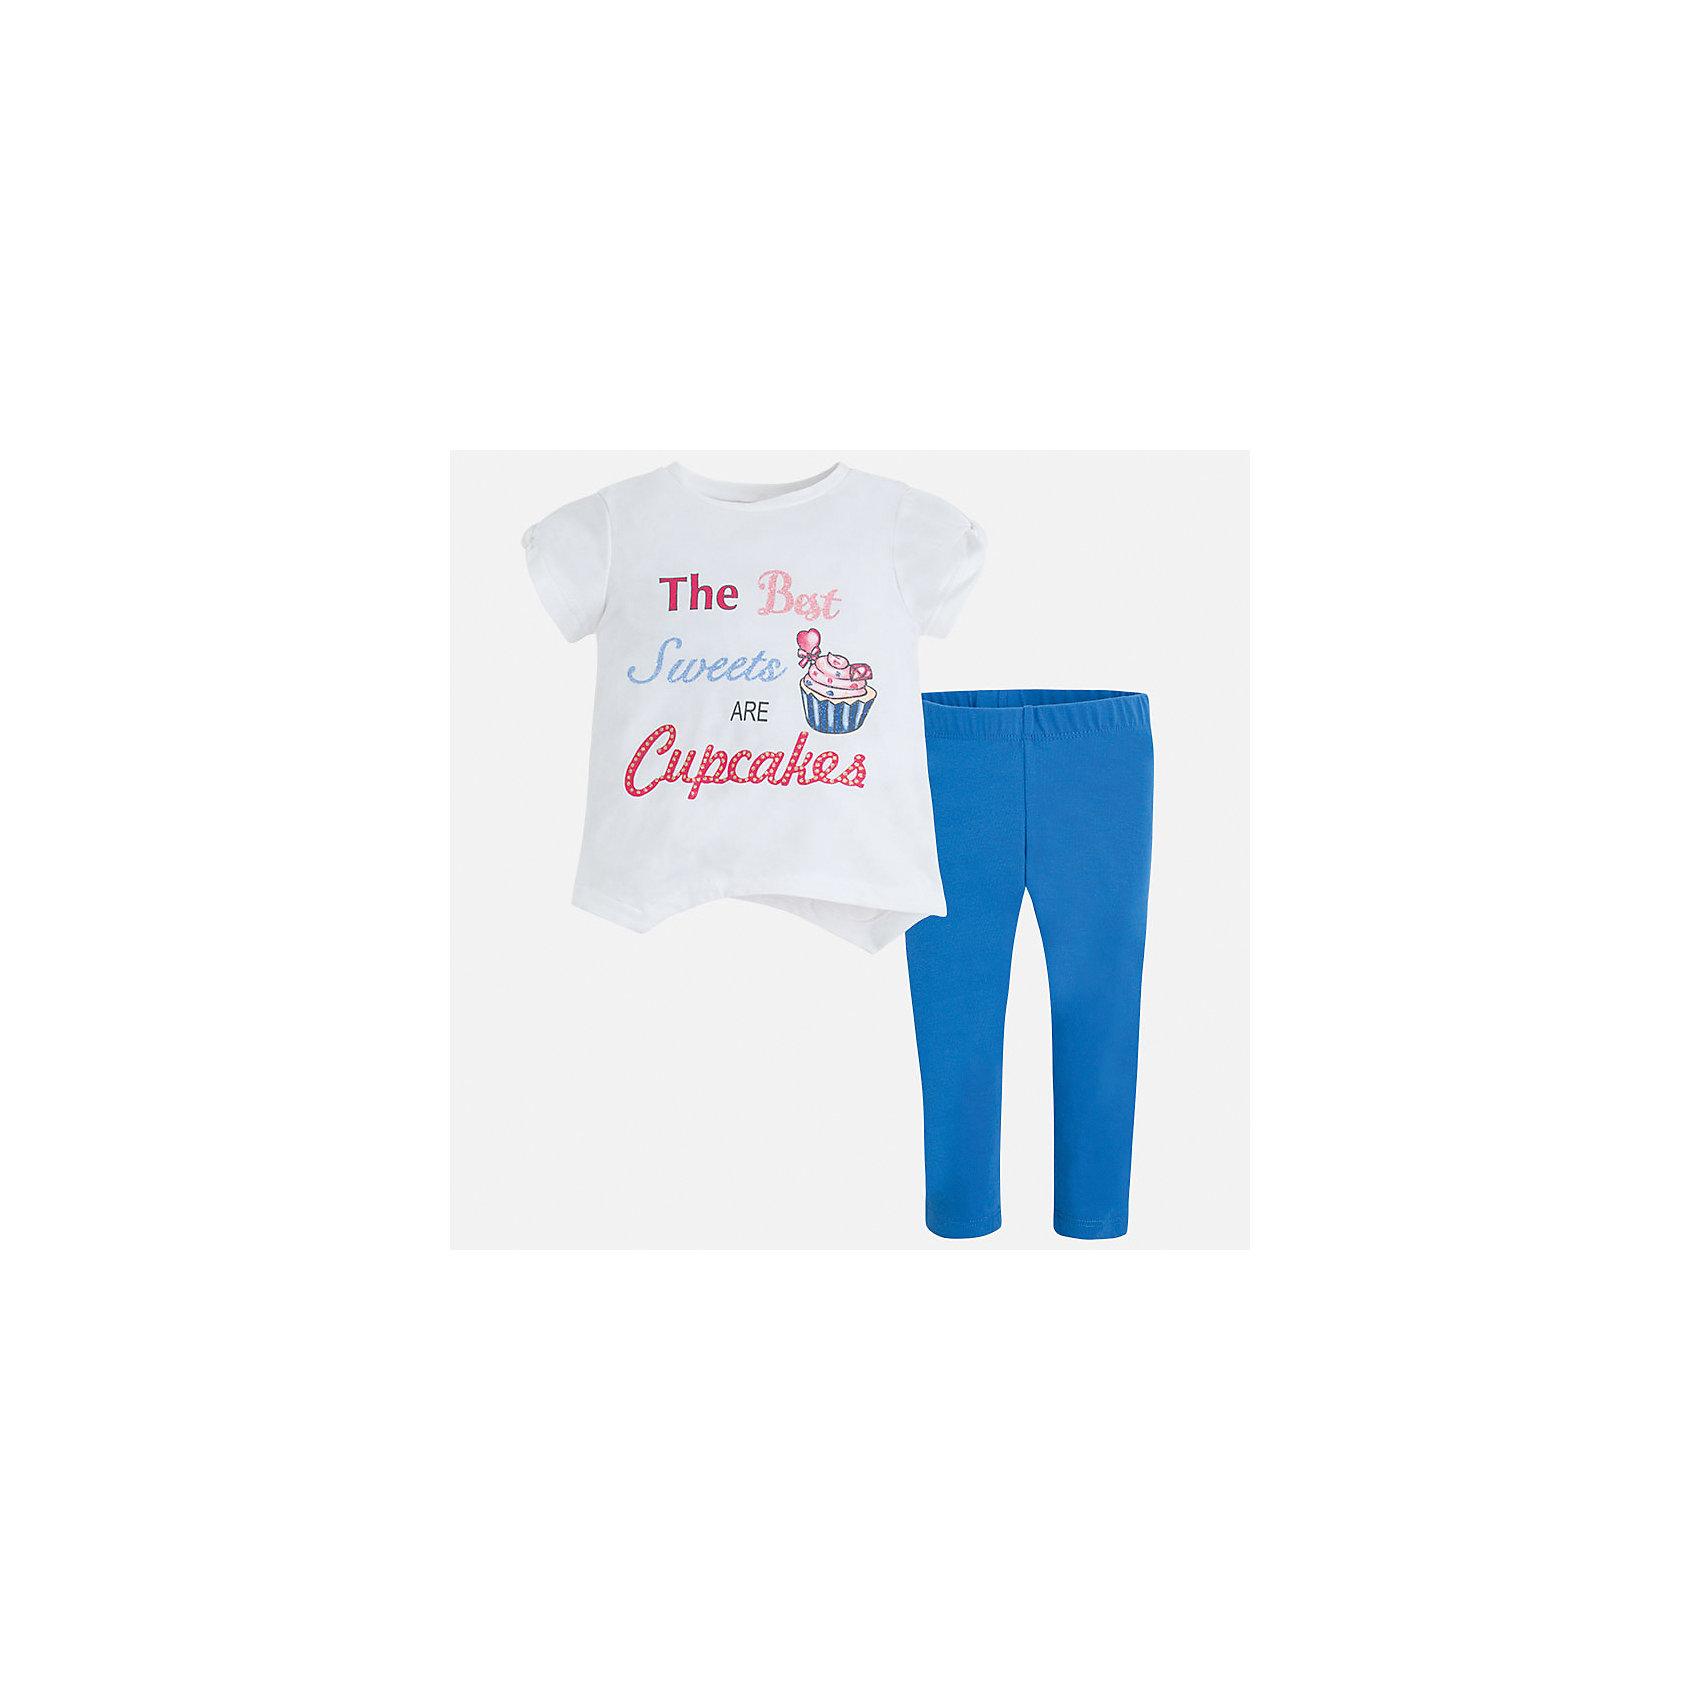 Комплект: футбола с длинным рукавом и леггинсы для девочки MayoralКомплекты<br>Характеристики товара:<br><br>• цвет: белый/голубой<br>• состав: 57% хлопок, 38% полиэстер, 5% эластан<br>• комплектация: футболка, леггинсы<br>• футболка декорирована принтом<br>• леггинсы однотонные<br>• пояс на резинке<br>• страна бренда: Испания<br><br>Стильный качественный комплект для девочки поможет разнообразить гардероб ребенка и удобно одеться в теплую погоду. Он отлично сочетается с другими предметами. Универсальный цвет позволяет подобрать к вещам верхнюю одежду практически любой расцветки. Интересная отделка модели делает её нарядной и оригинальной. В составе материала - натуральный хлопок, гипоаллергенный, приятный на ощупь, дышащий.<br><br>Одежда, обувь и аксессуары от испанского бренда Mayoral полюбились детям и взрослым по всему миру. Модели этой марки - стильные и удобные. Для их производства используются только безопасные, качественные материалы и фурнитура. Порадуйте ребенка модными и красивыми вещами от Mayoral! <br><br>Комплект для девочки от испанского бренда Mayoral (Майорал) можно купить в нашем интернет-магазине.<br><br>Ширина мм: 123<br>Глубина мм: 10<br>Высота мм: 149<br>Вес г: 209<br>Цвет: синий<br>Возраст от месяцев: 96<br>Возраст до месяцев: 108<br>Пол: Женский<br>Возраст: Детский<br>Размер: 134,92,98,104,110,116,122,128<br>SKU: 5290834